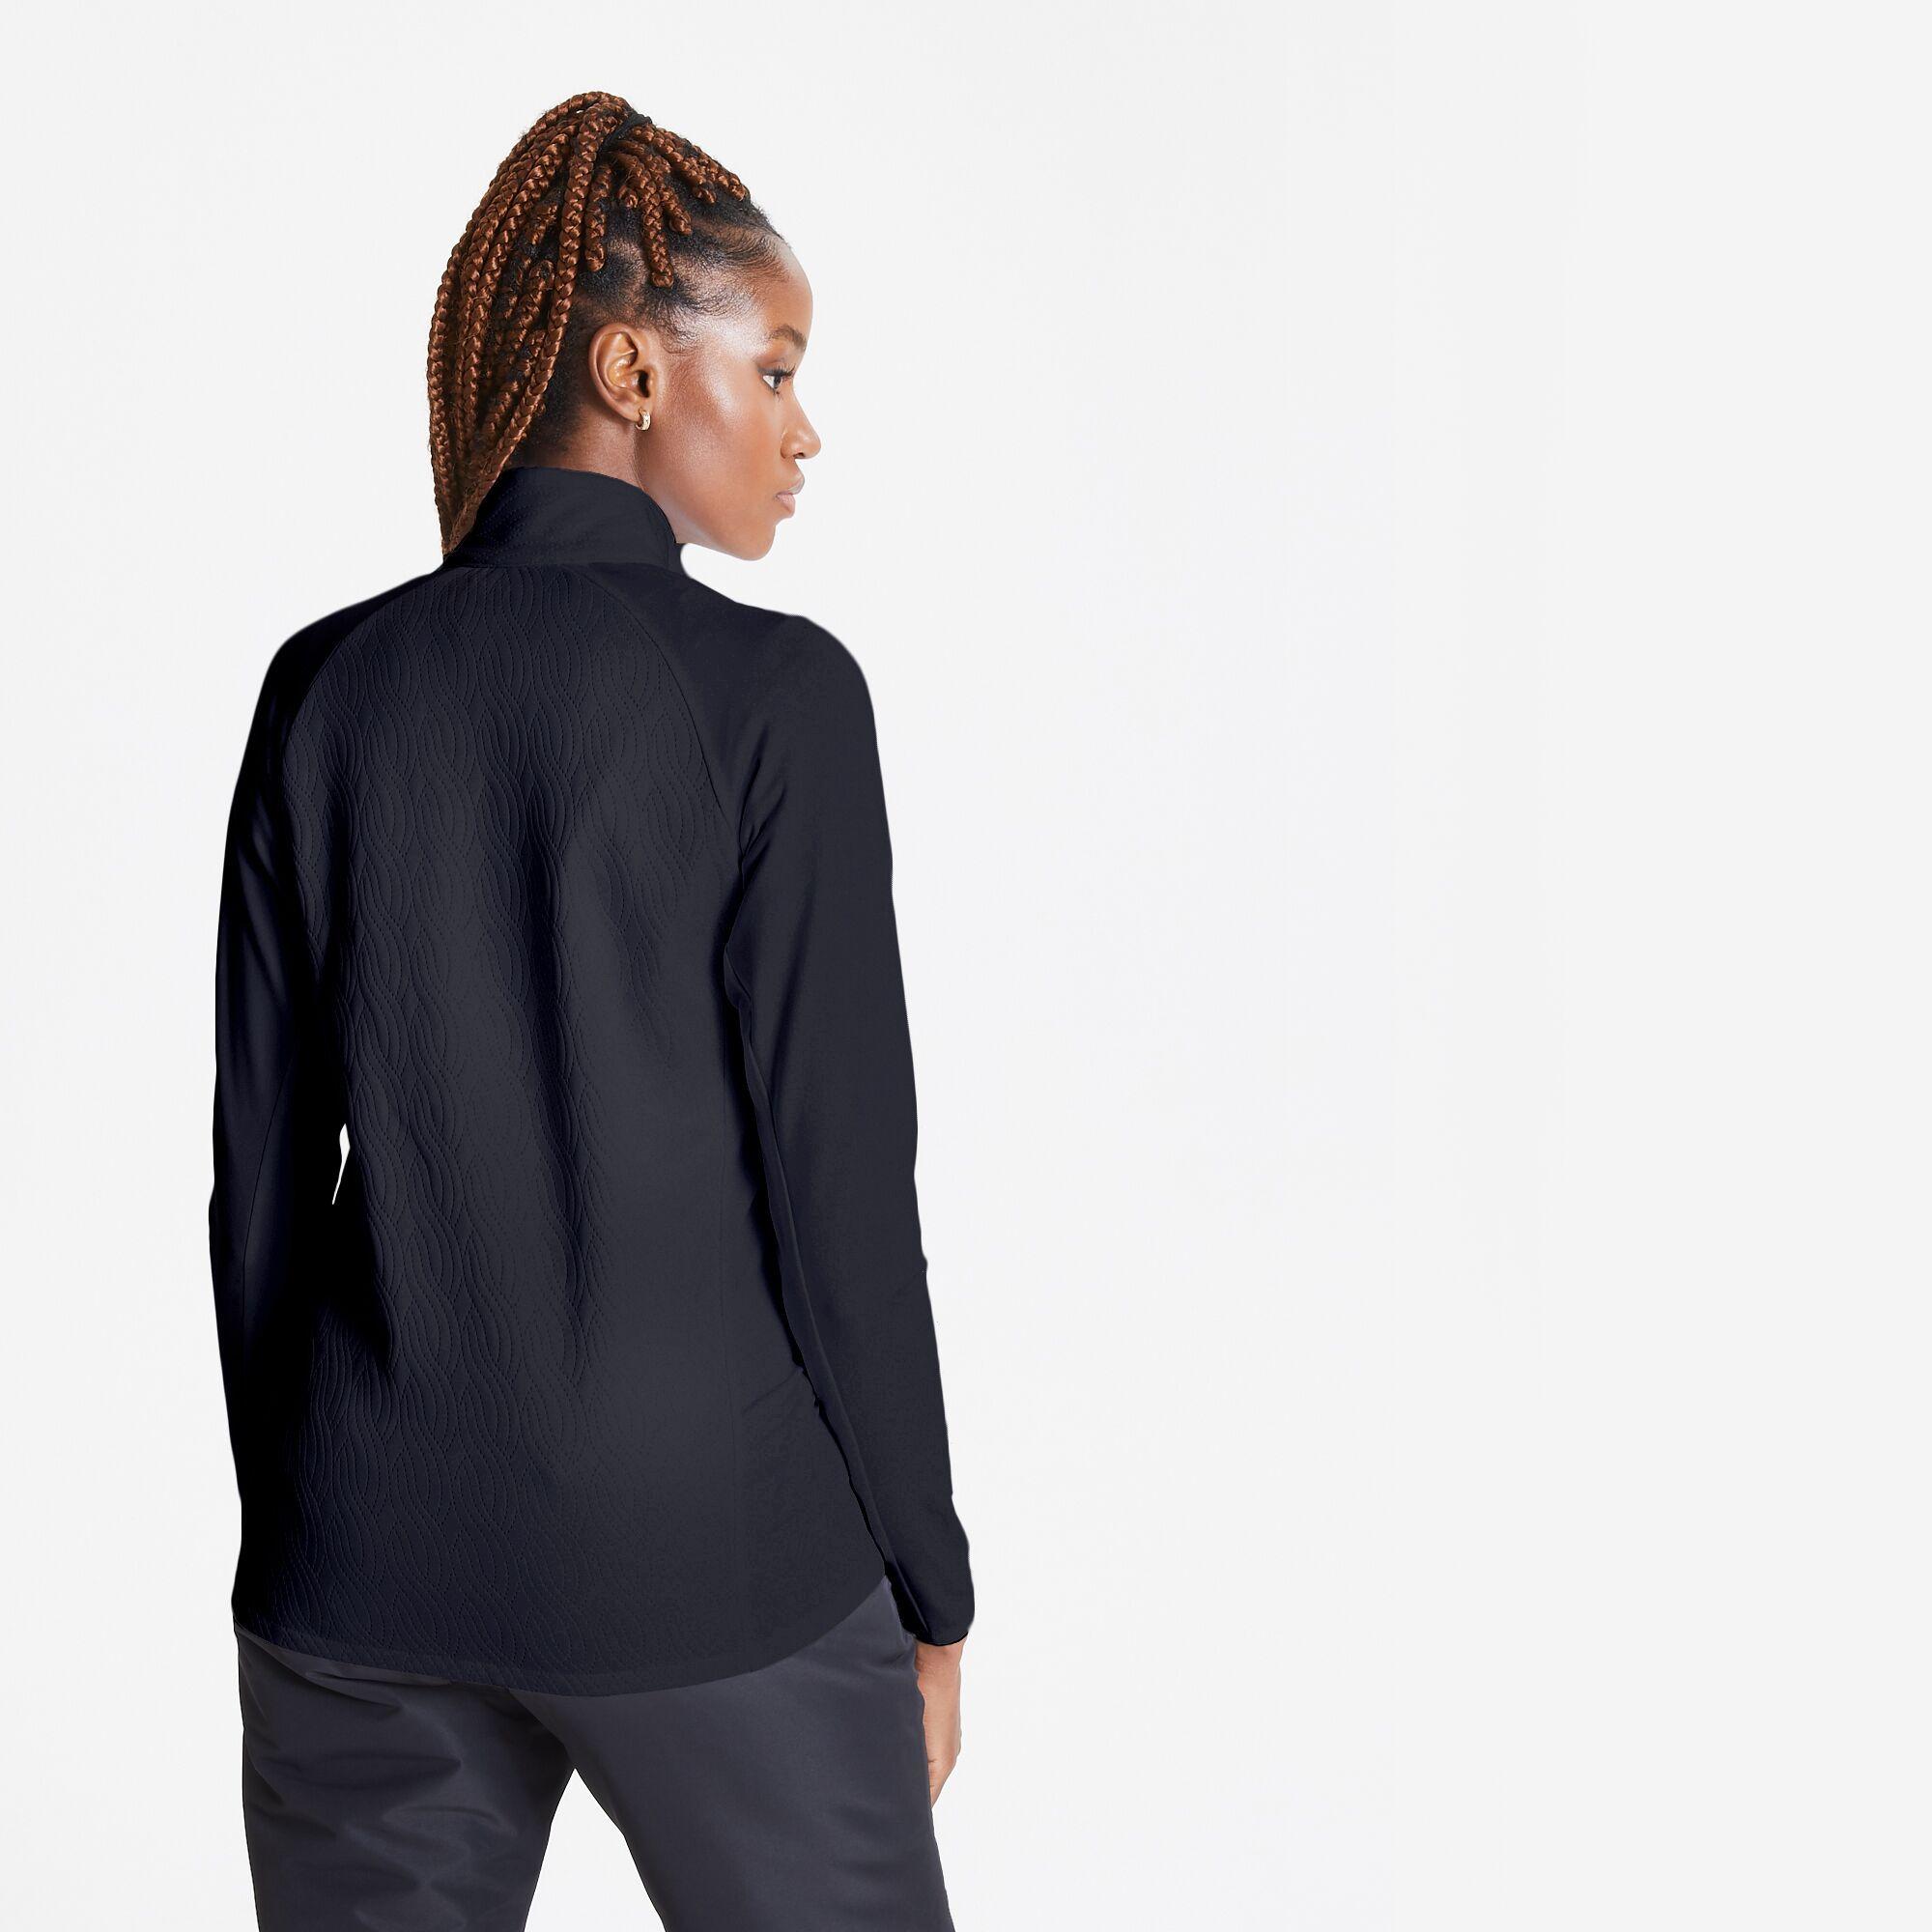 Bluze Termice -  dare2b SOLARIA II Luxe Core Stretch Midlayer